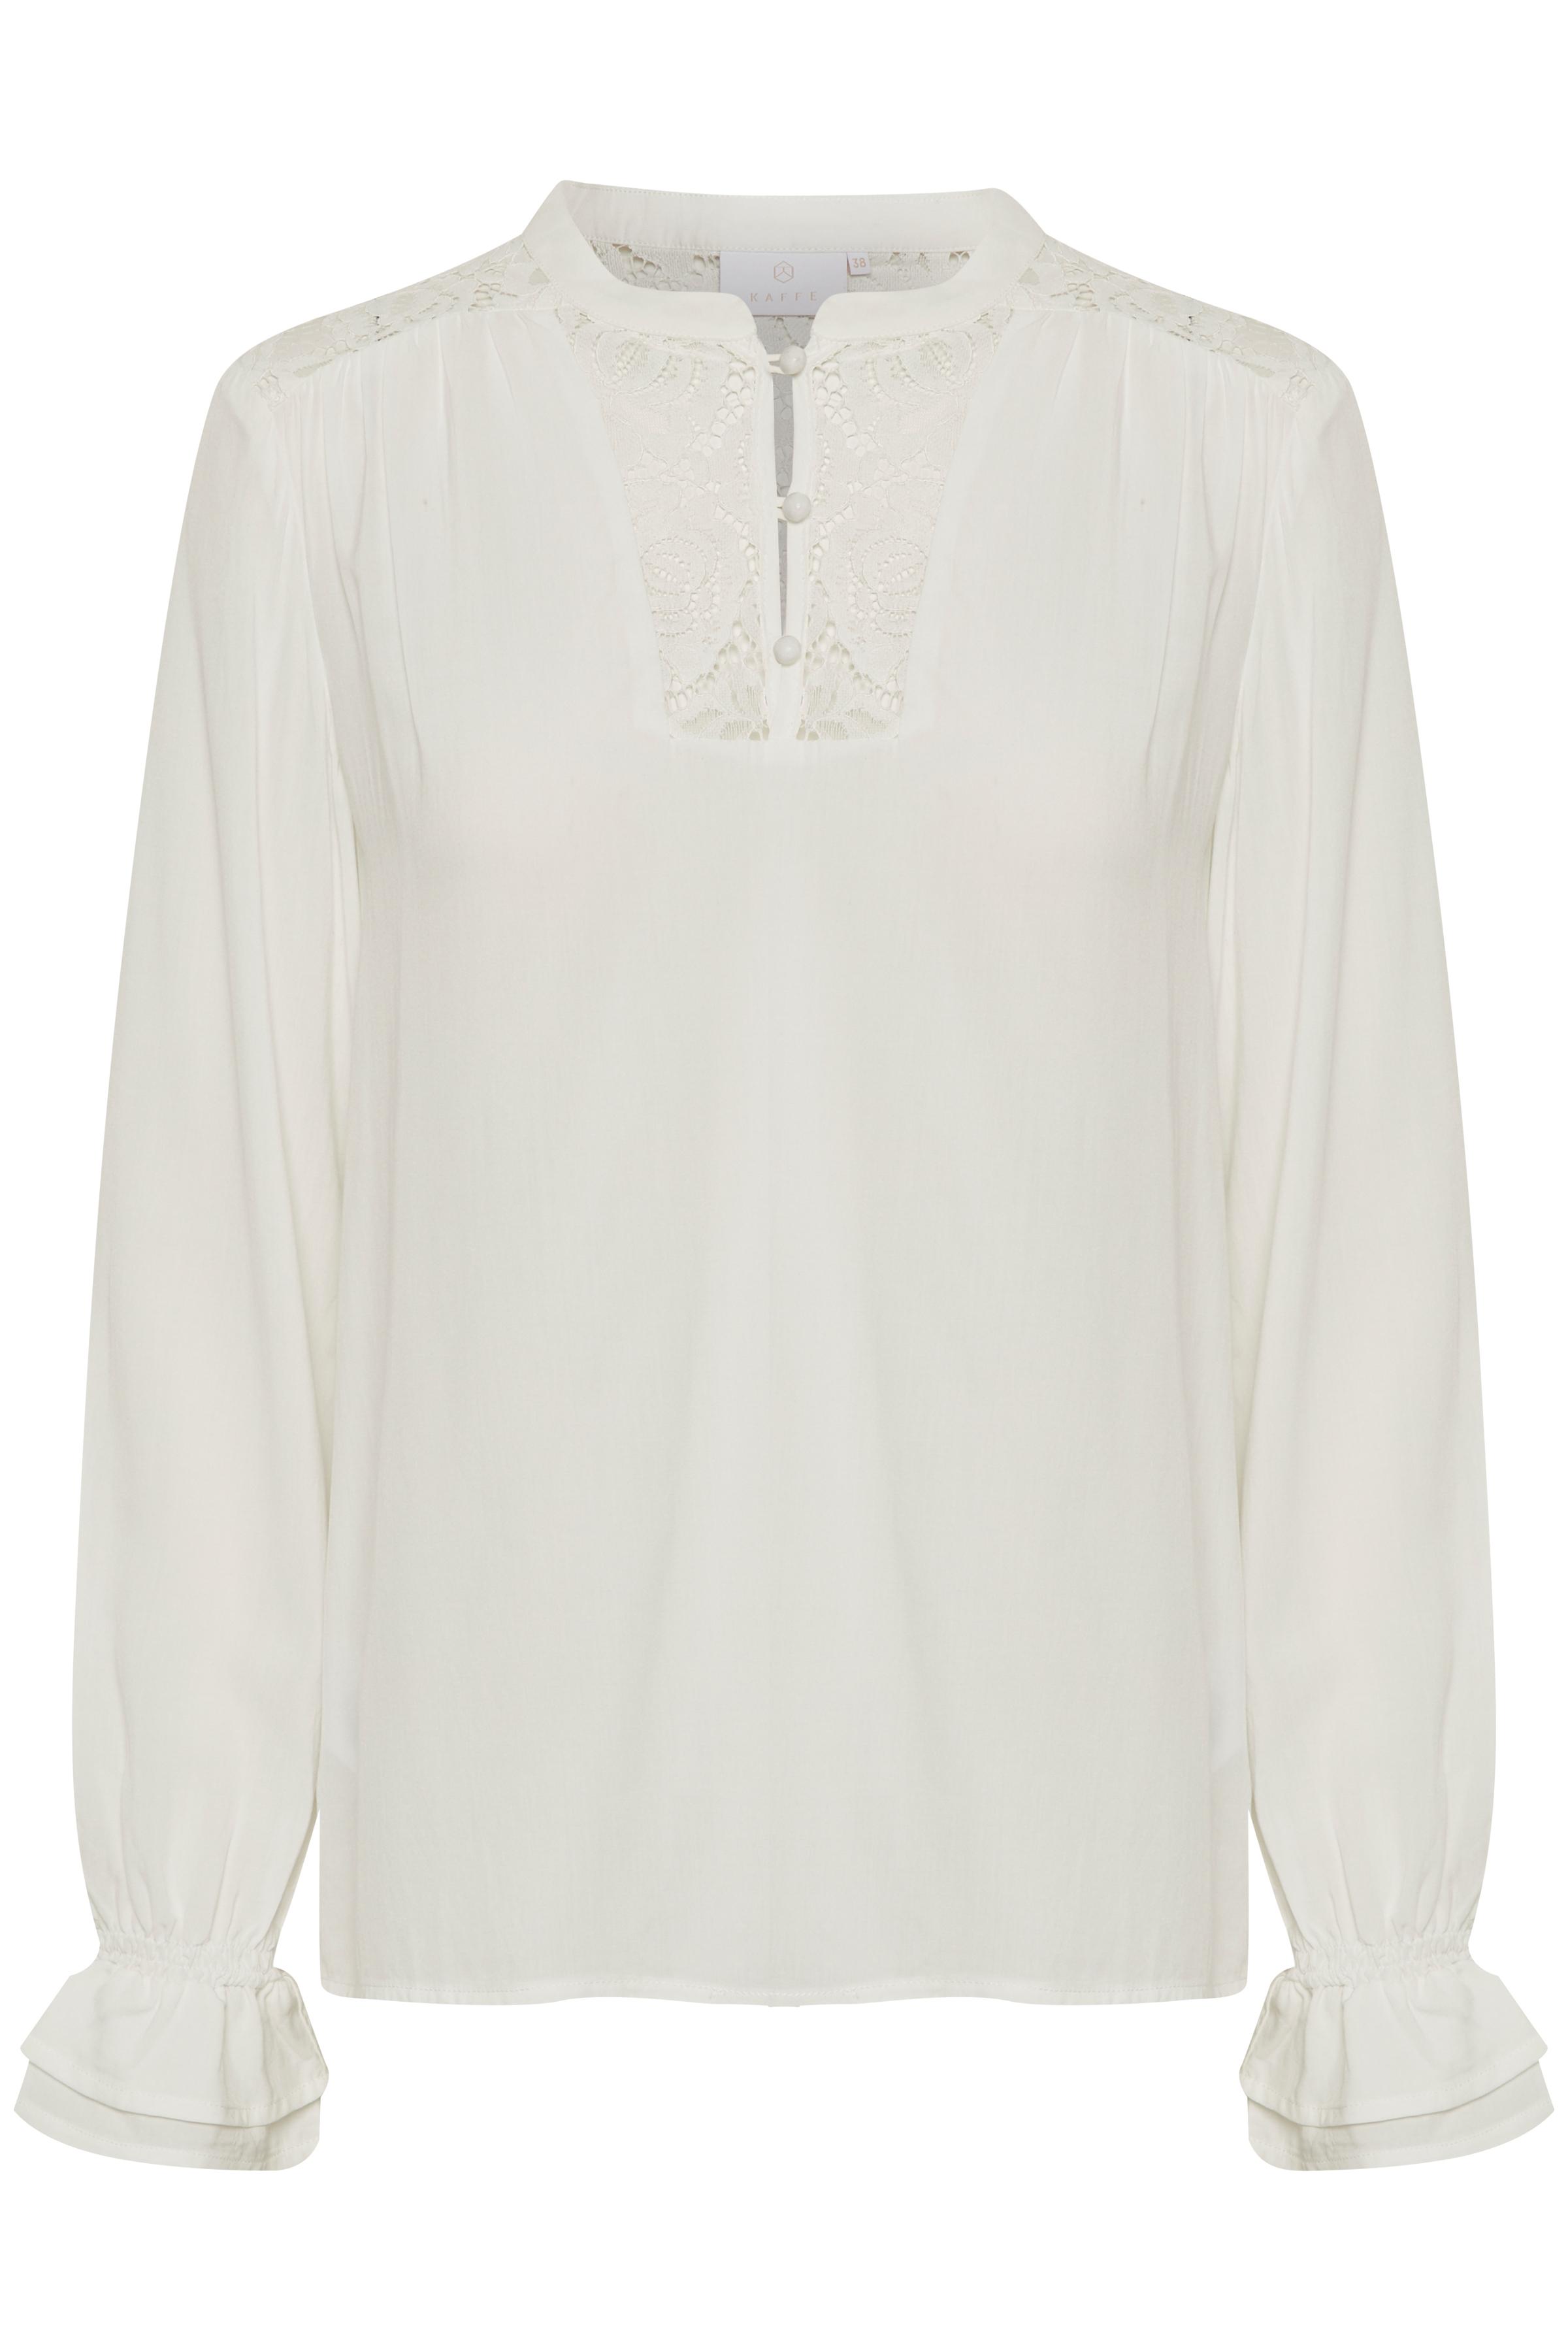 Wollweiss Langarm-Bluse von Kaffe – Shoppen SieWollweiss Langarm-Bluse ab Gr. 34-46 hier